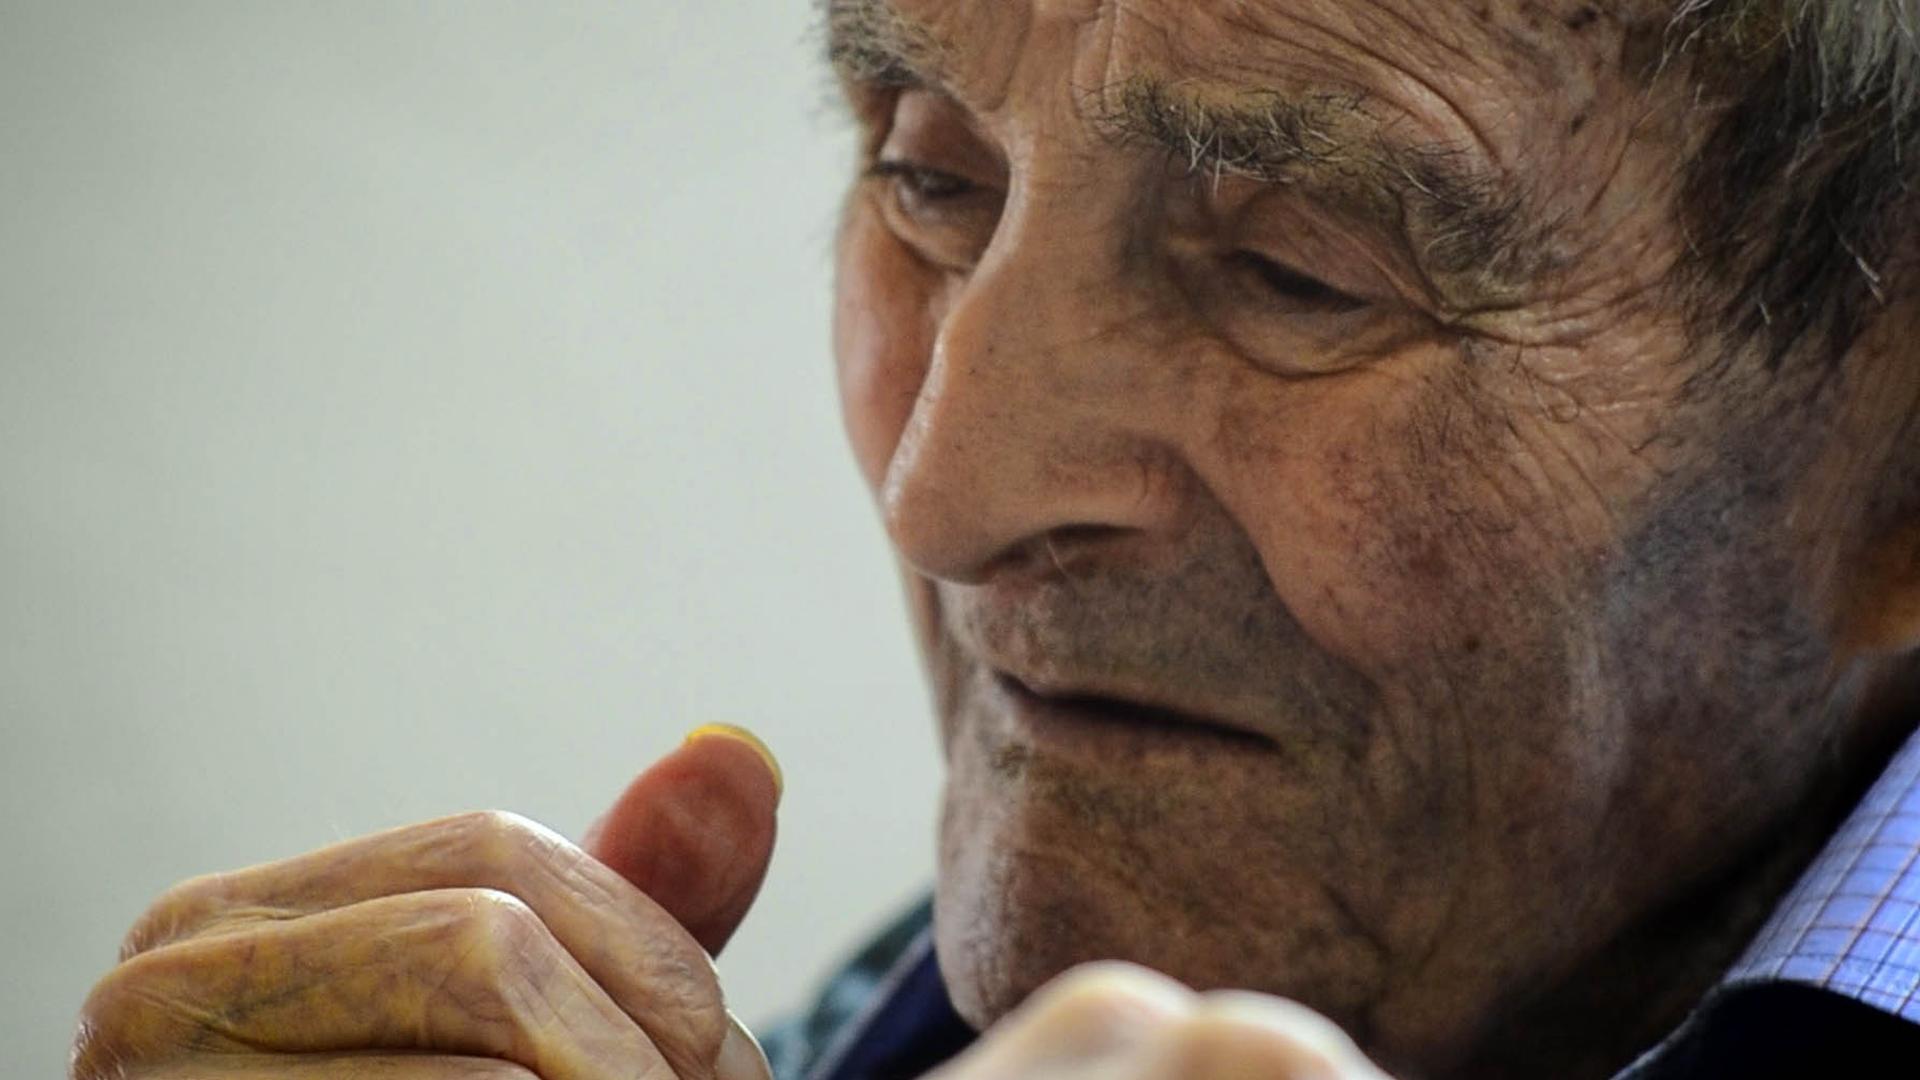 A riparo dal vento - un documentario di Guido Bandini